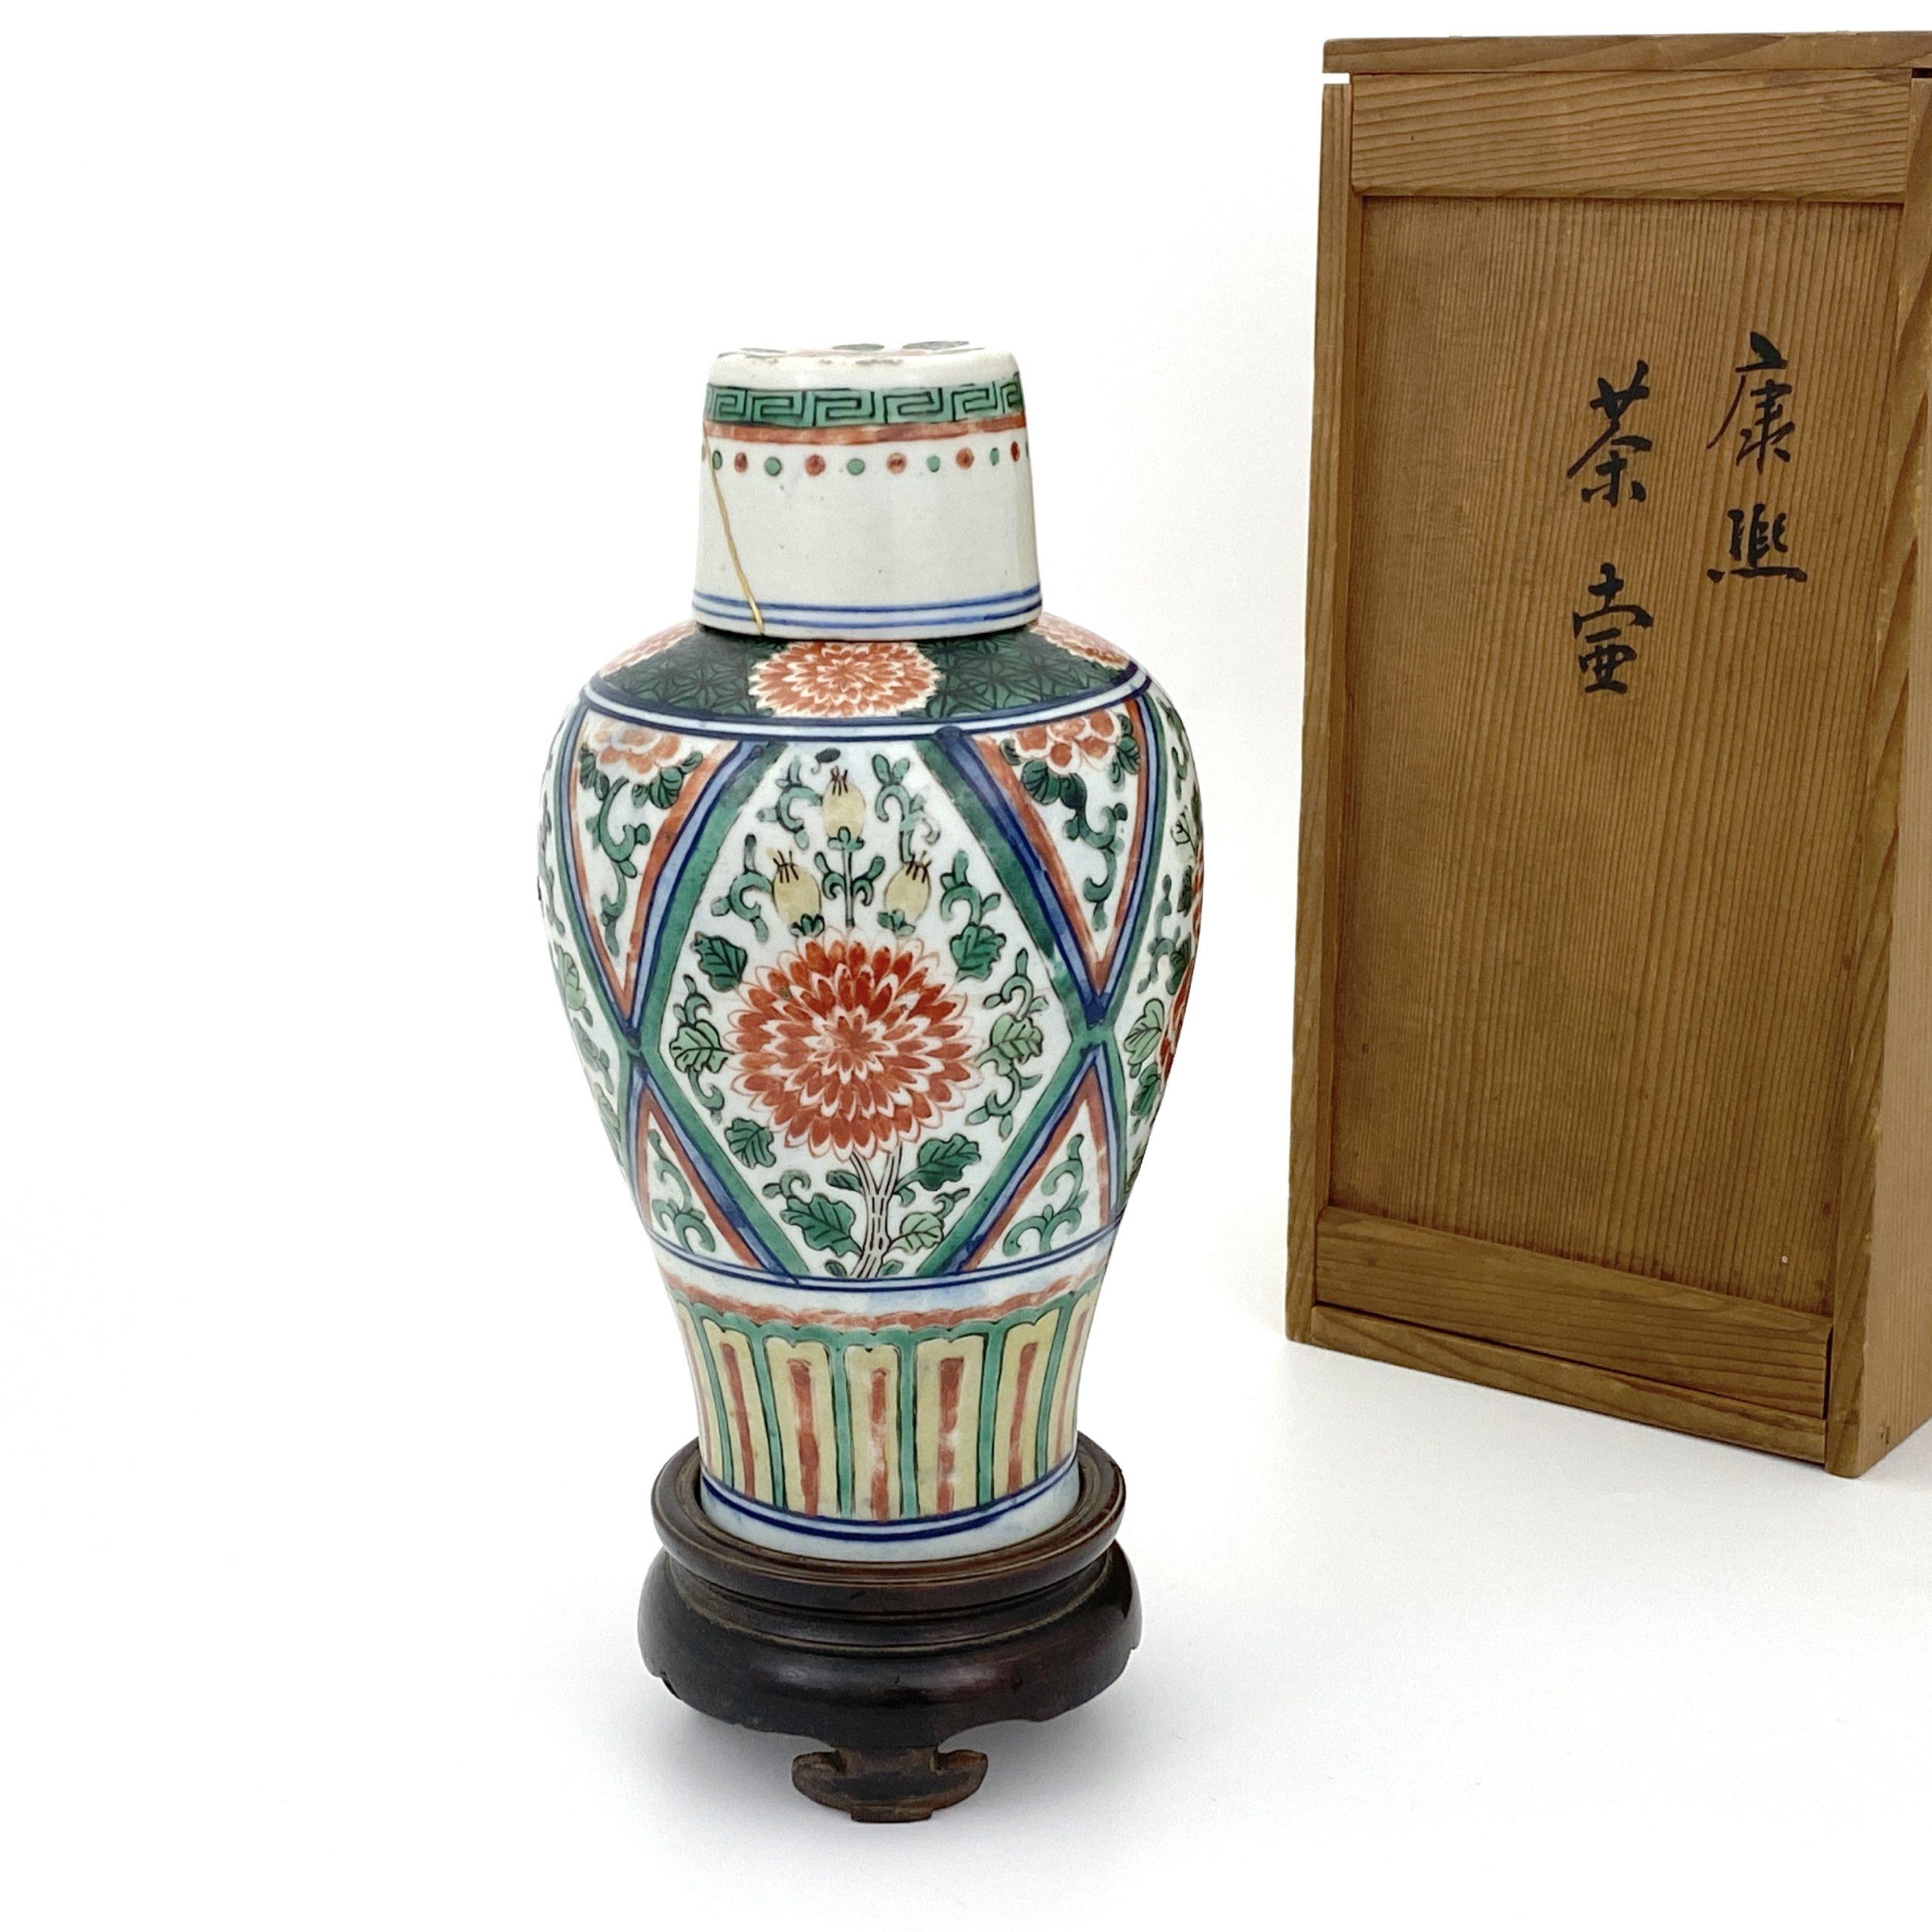 20134清康煕 五彩 花紋 瓶